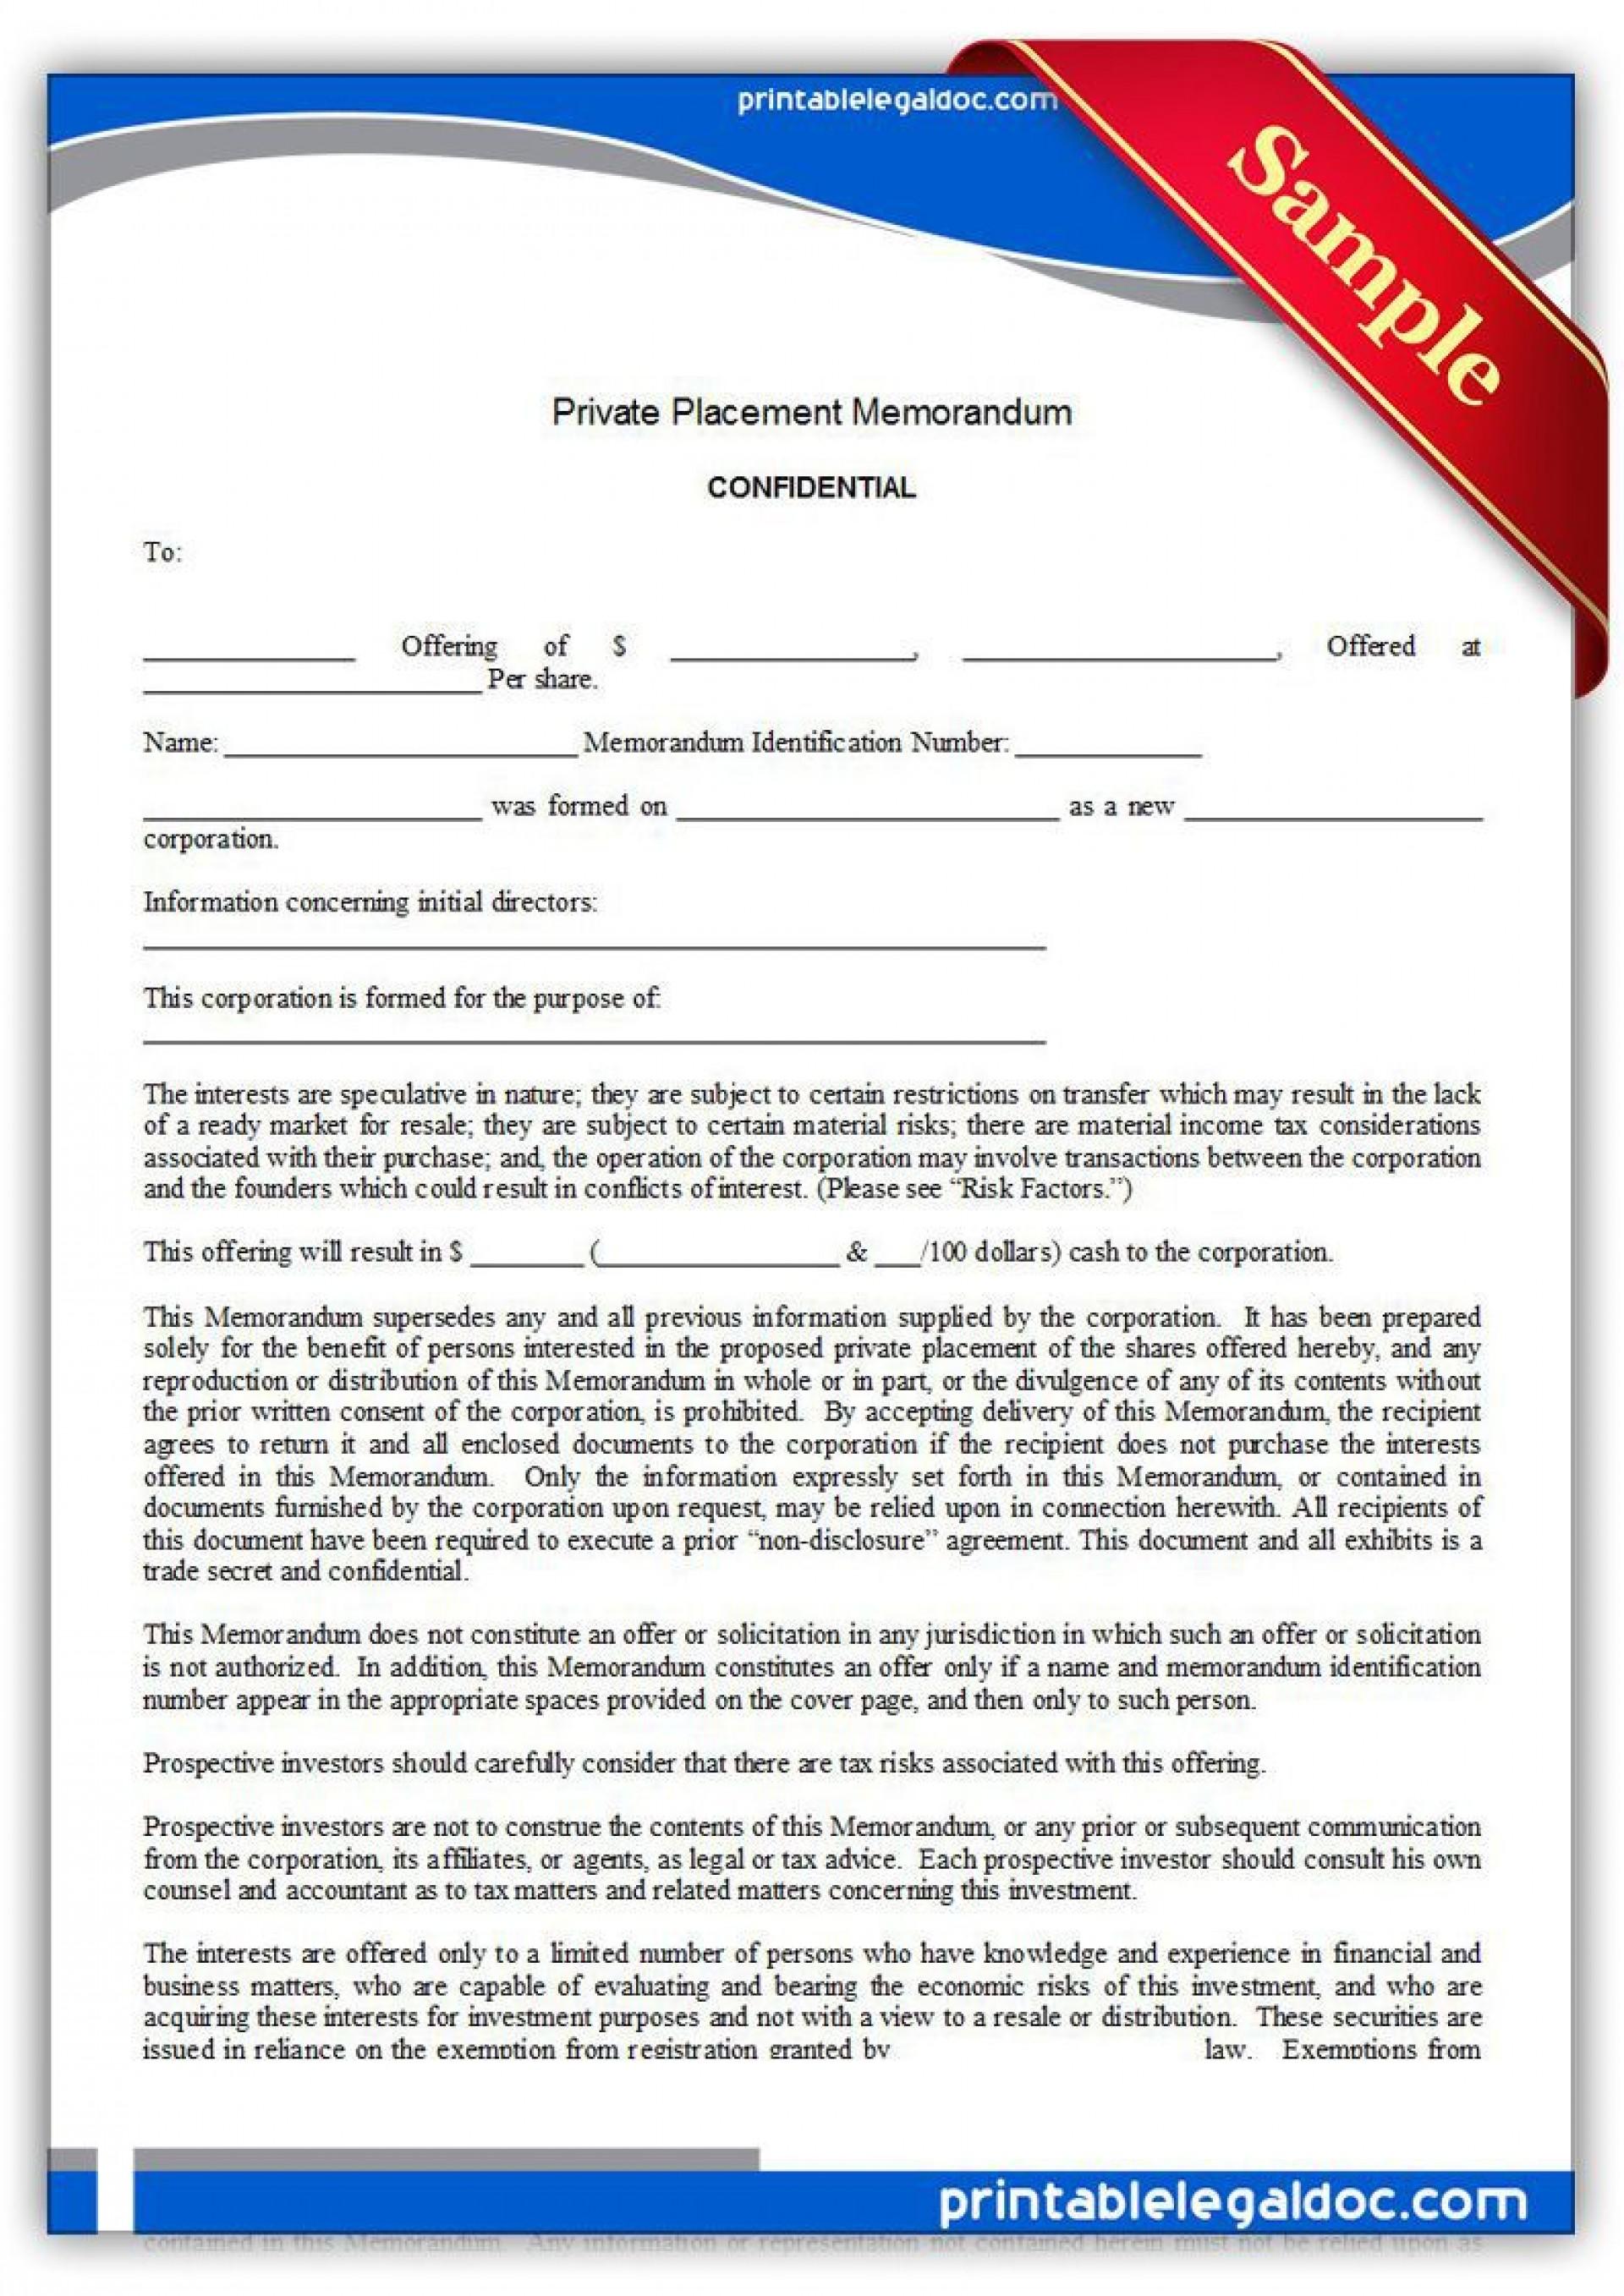 001 Wonderful Free Private Placement Memorandum Template Sample 1920